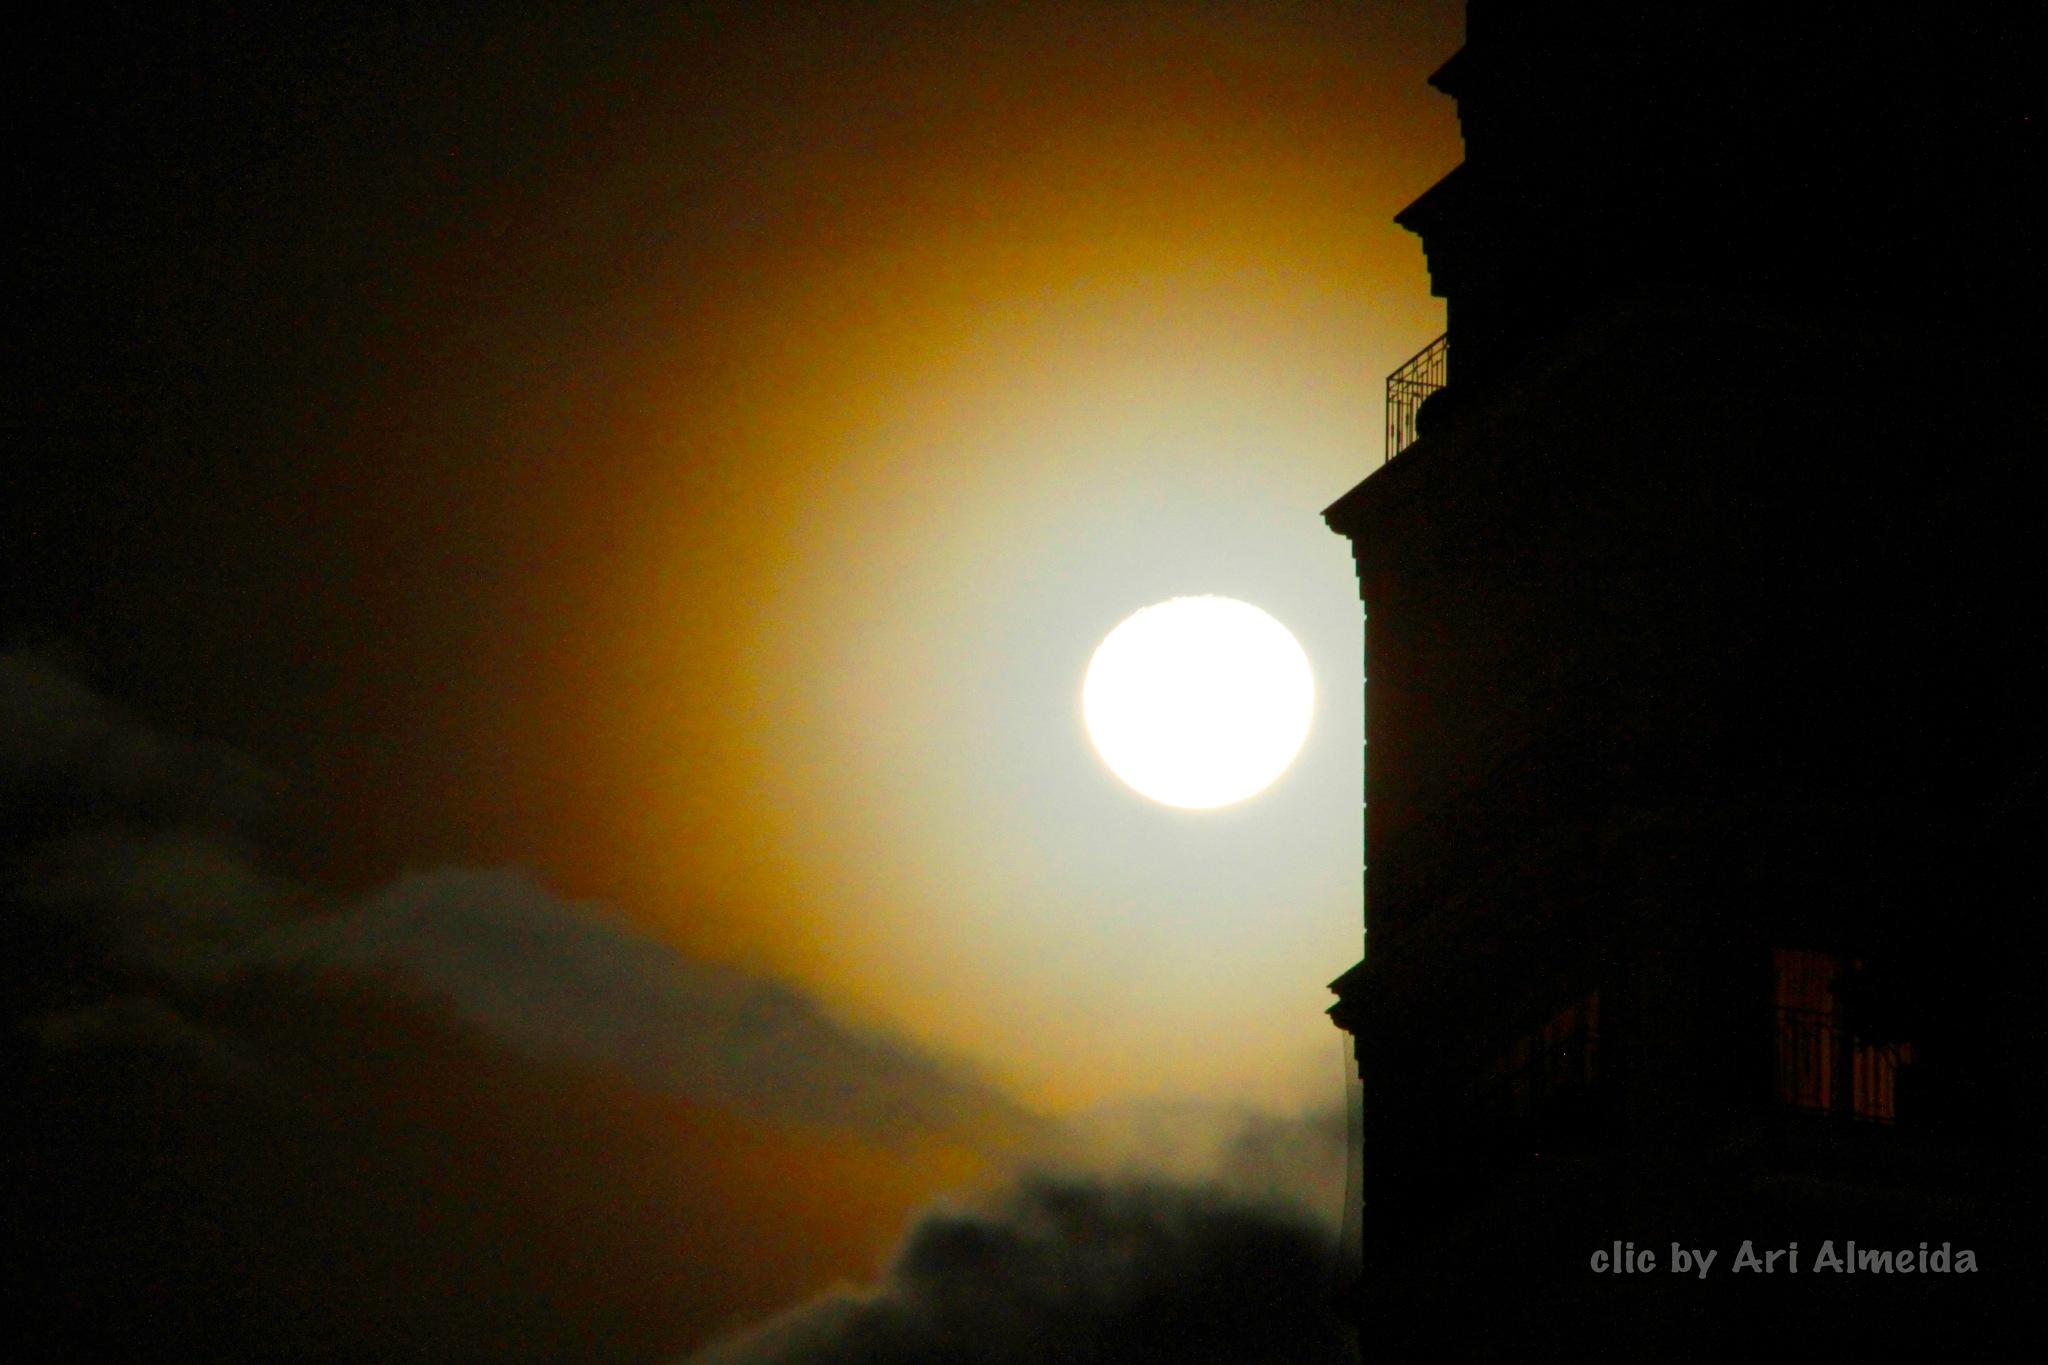 Moon by AriAlmeida